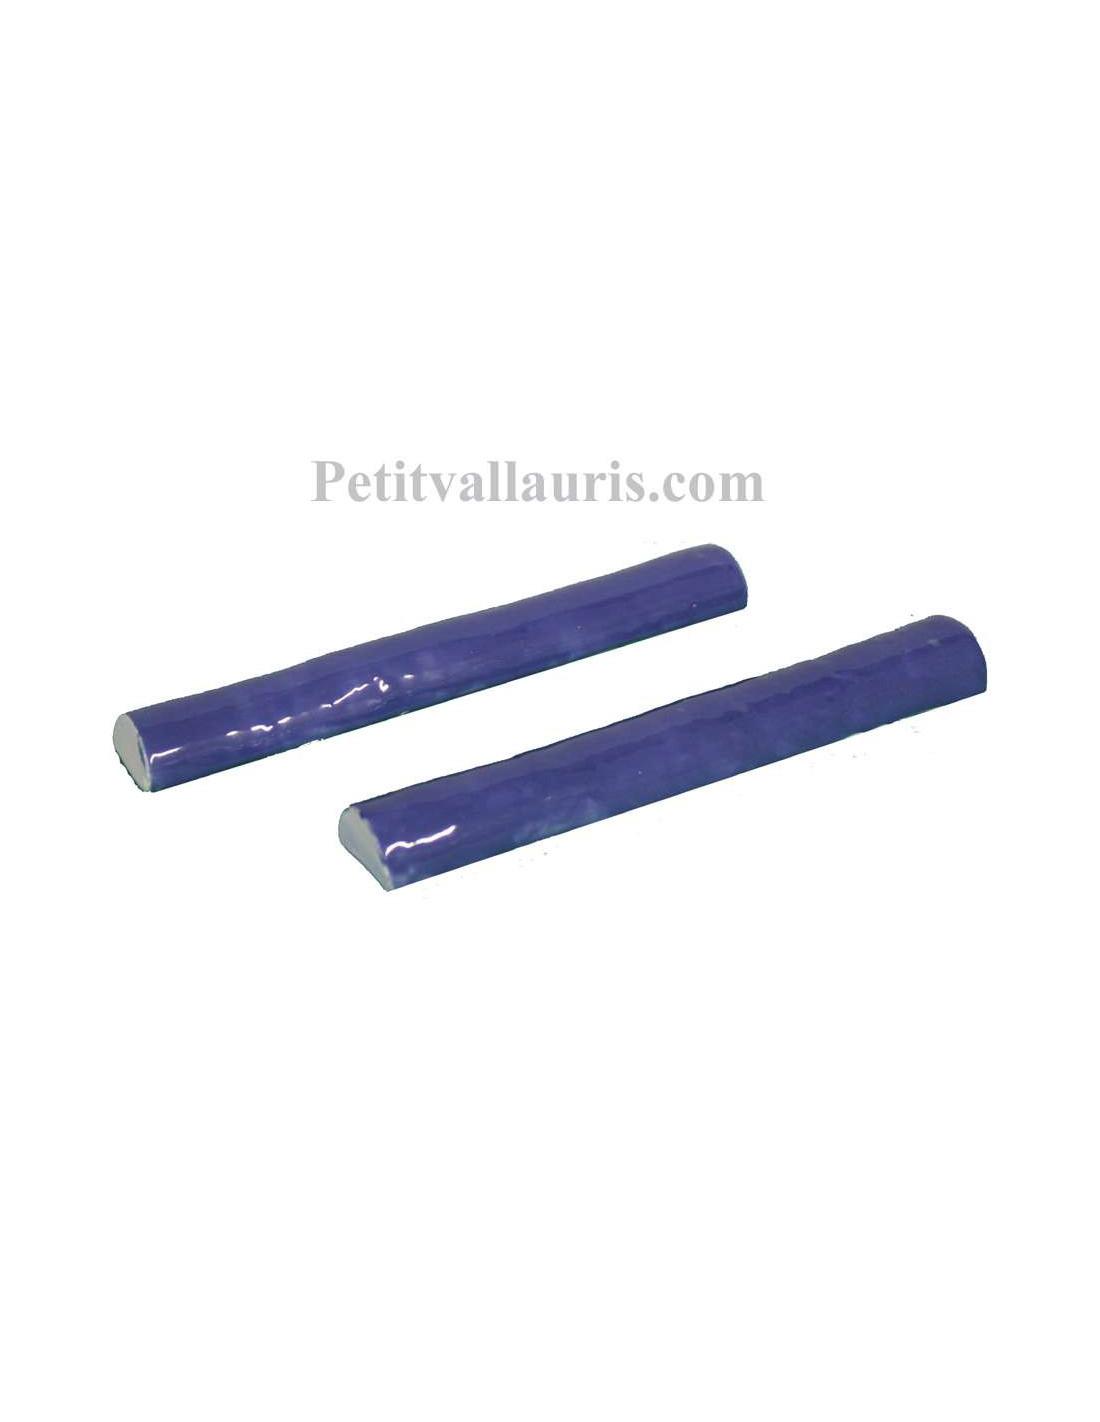 listel de finition en faience modele demi rond fin emaille couleur unie bleu lavande